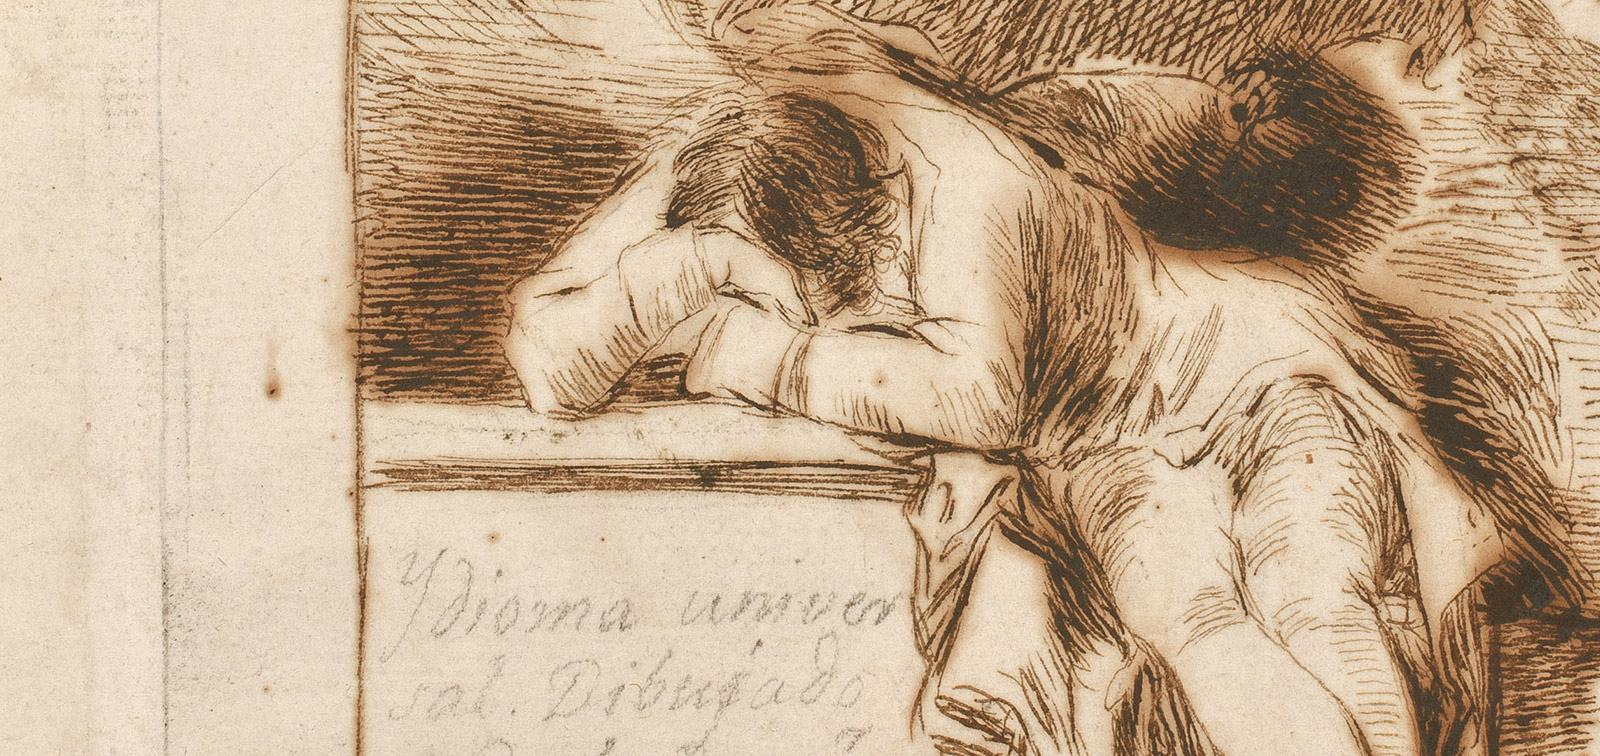 GOYA. DIBUJOS. SOLO LA VOLUNTAD ME SOBRA. Museo del Prado. Hasta el 16 de febrero de 2020.